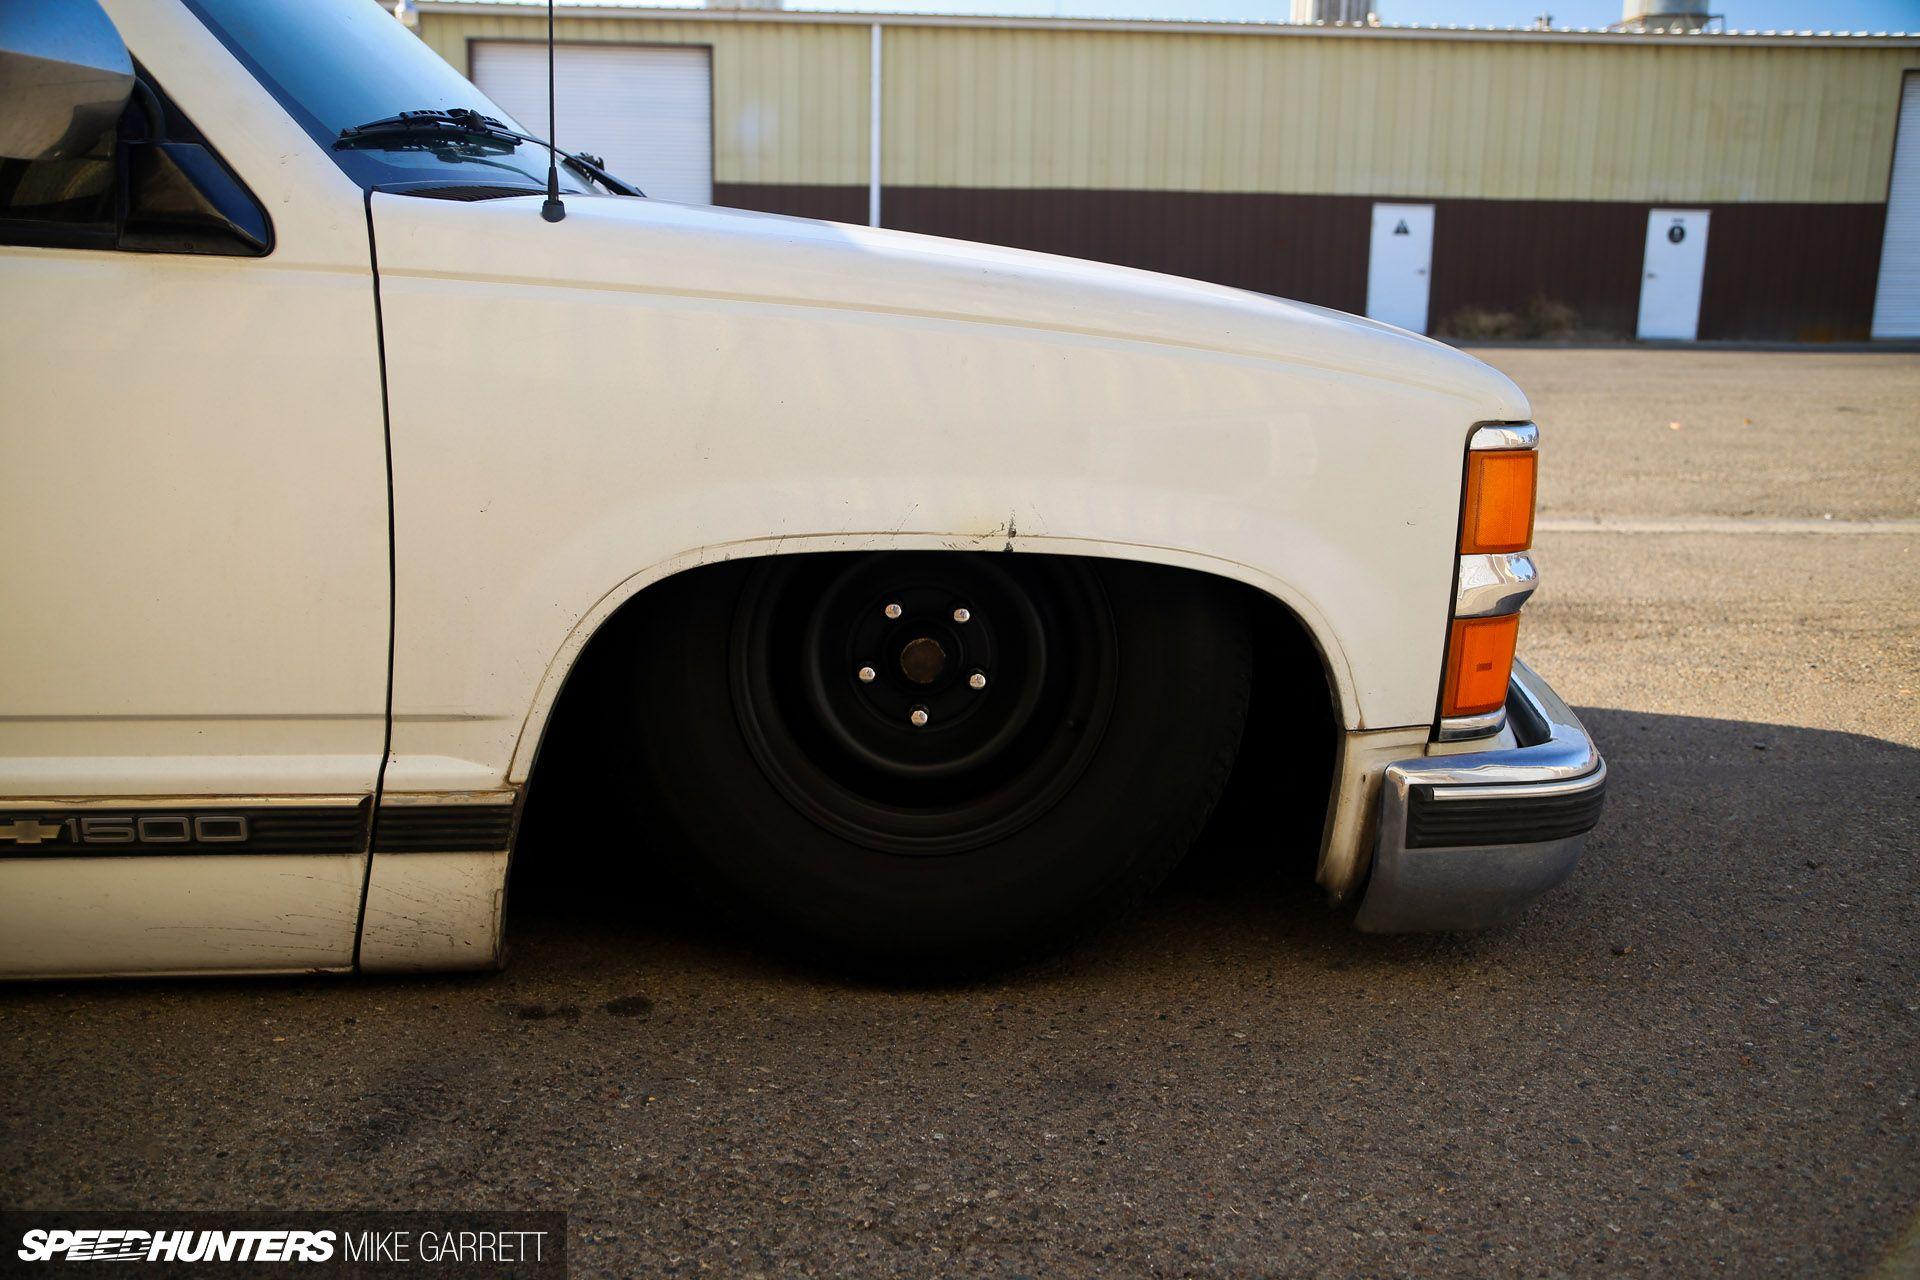 84 96 chevy silverado low rider pics chevrolet silverado pickup lowrider tuning wheel g